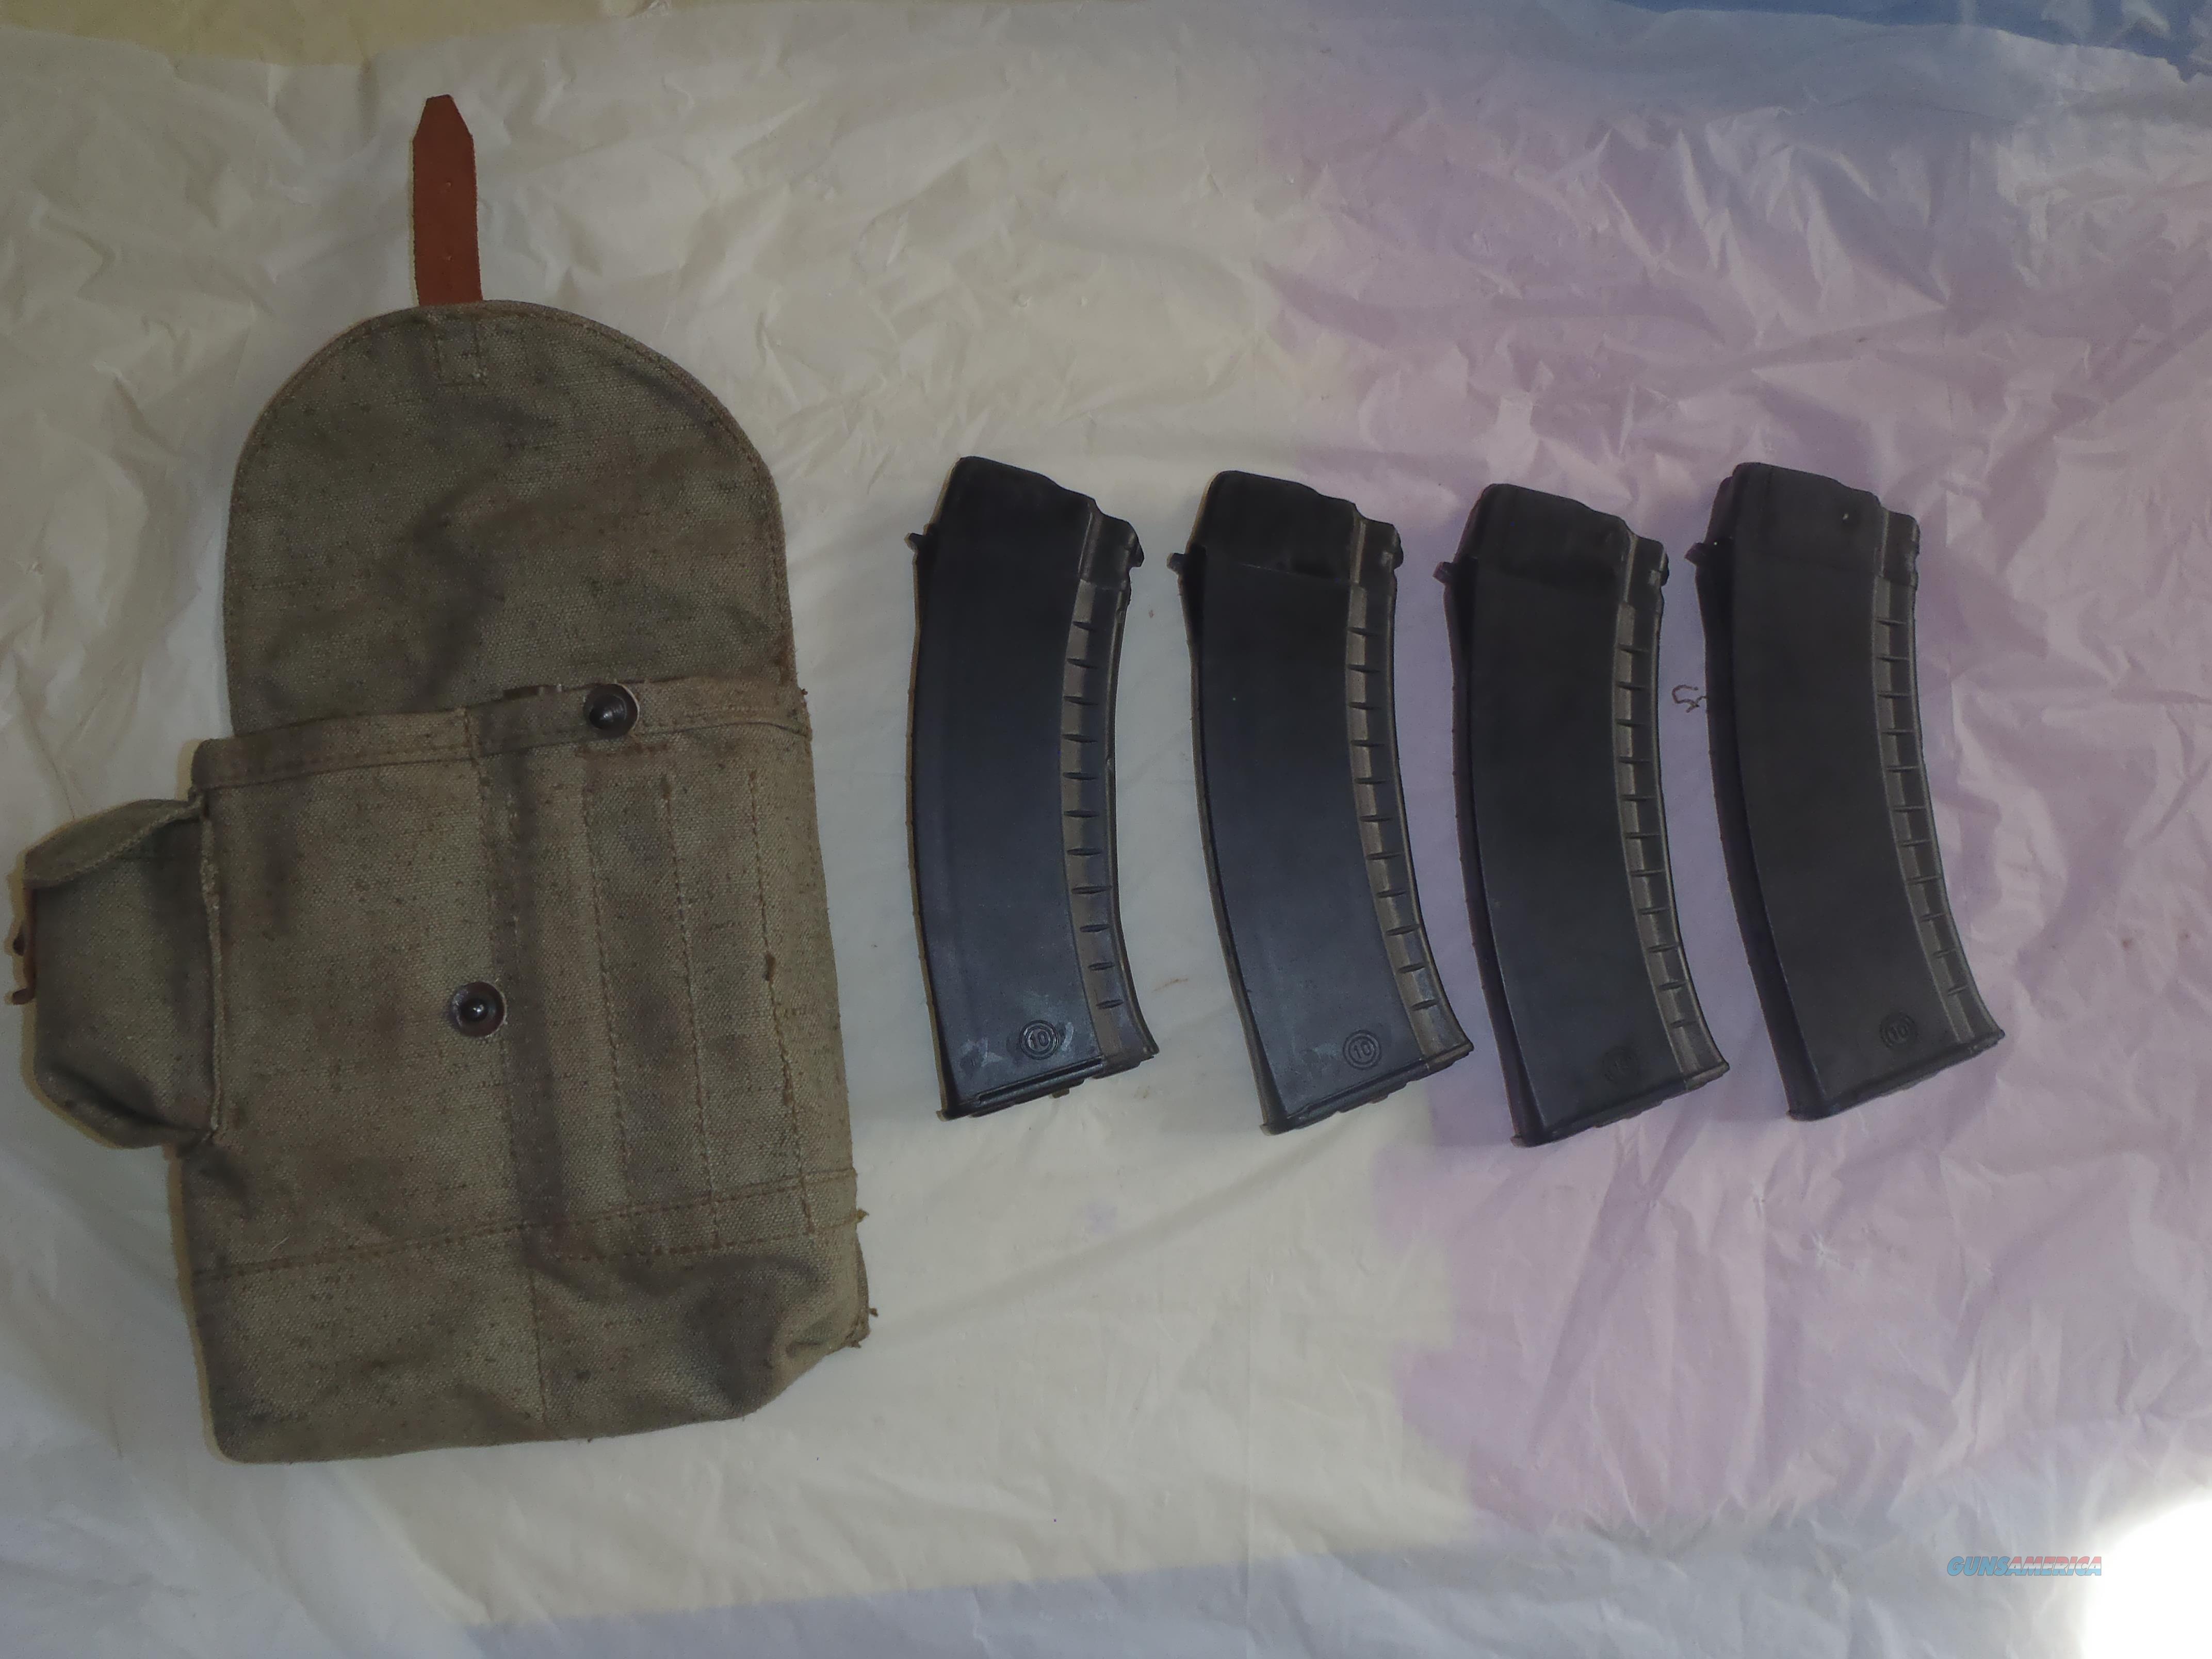 AK-74 Magazines 5.45 x 39  Non-Guns > Magazines & Clips > Rifle Magazines > AK Family